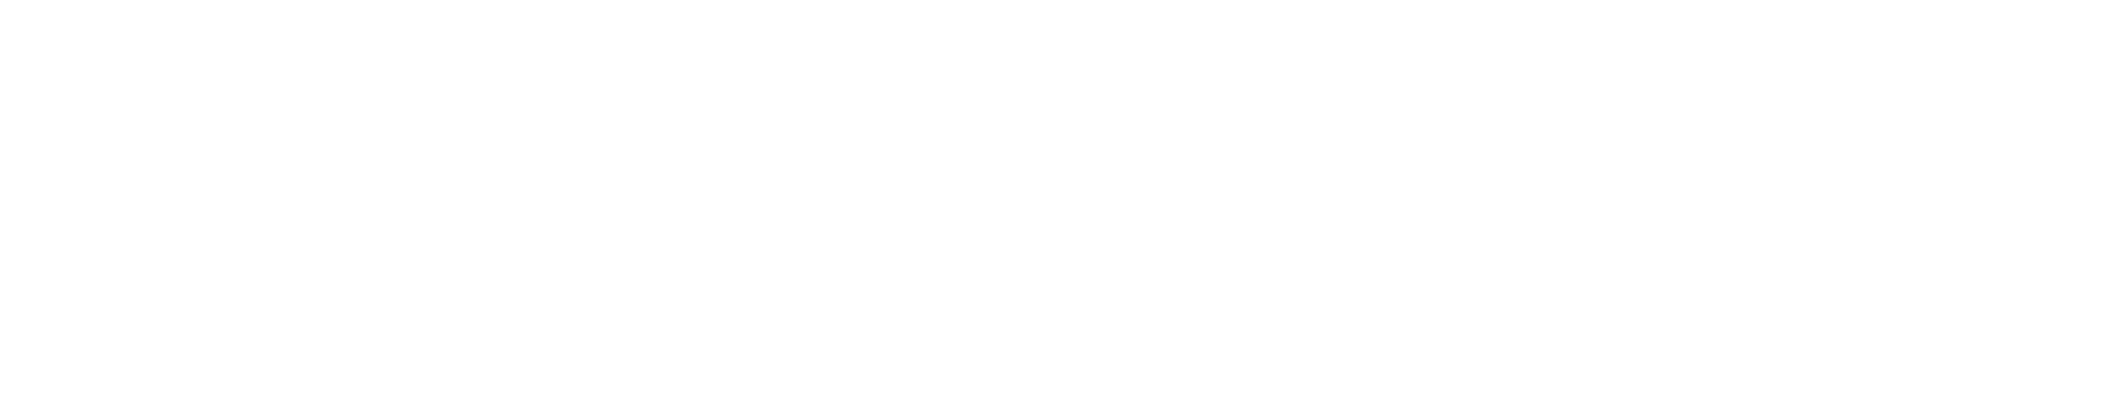 synchronisation-icone